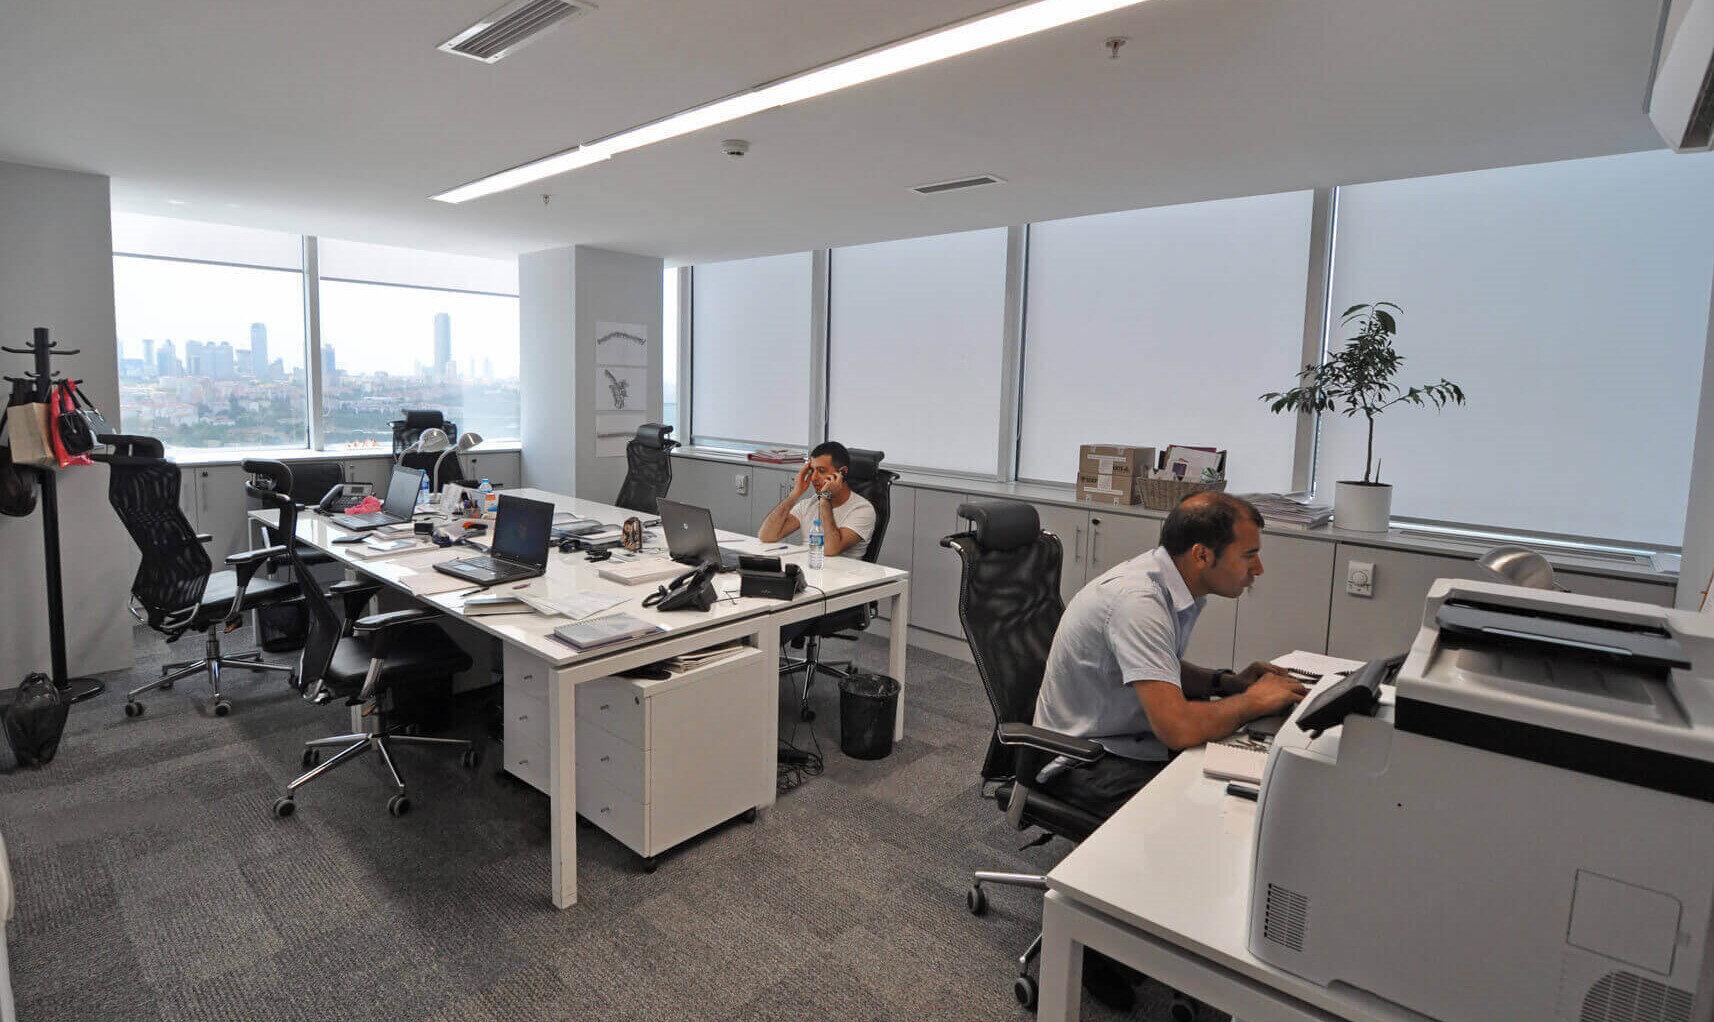 Pandemide evden çalışma uygulaması ile ofis kiraları hızla düşüşe geçti.